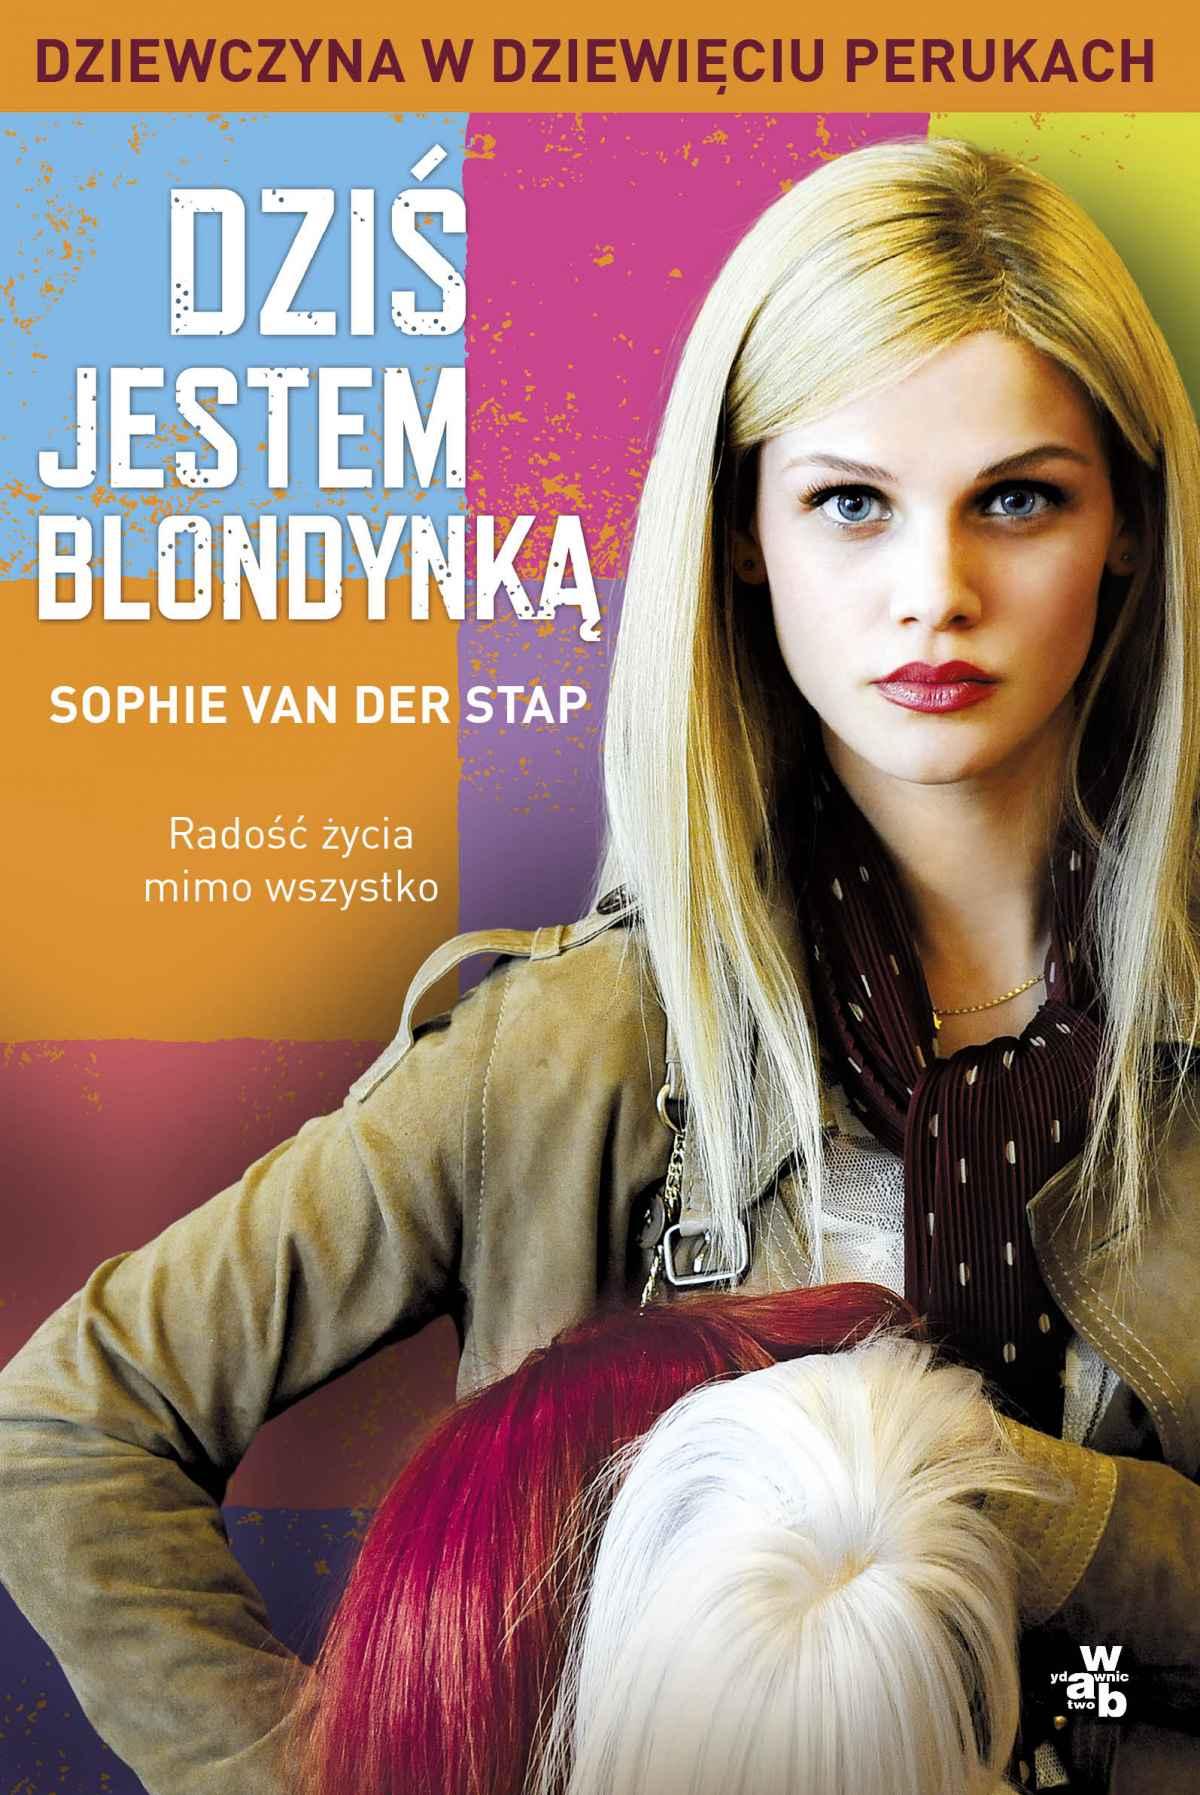 Dziś jestem blondynką. Dziewczyna w dziewięciu perukach - Ebook (Książka na Kindle) do pobrania w formacie MOBI